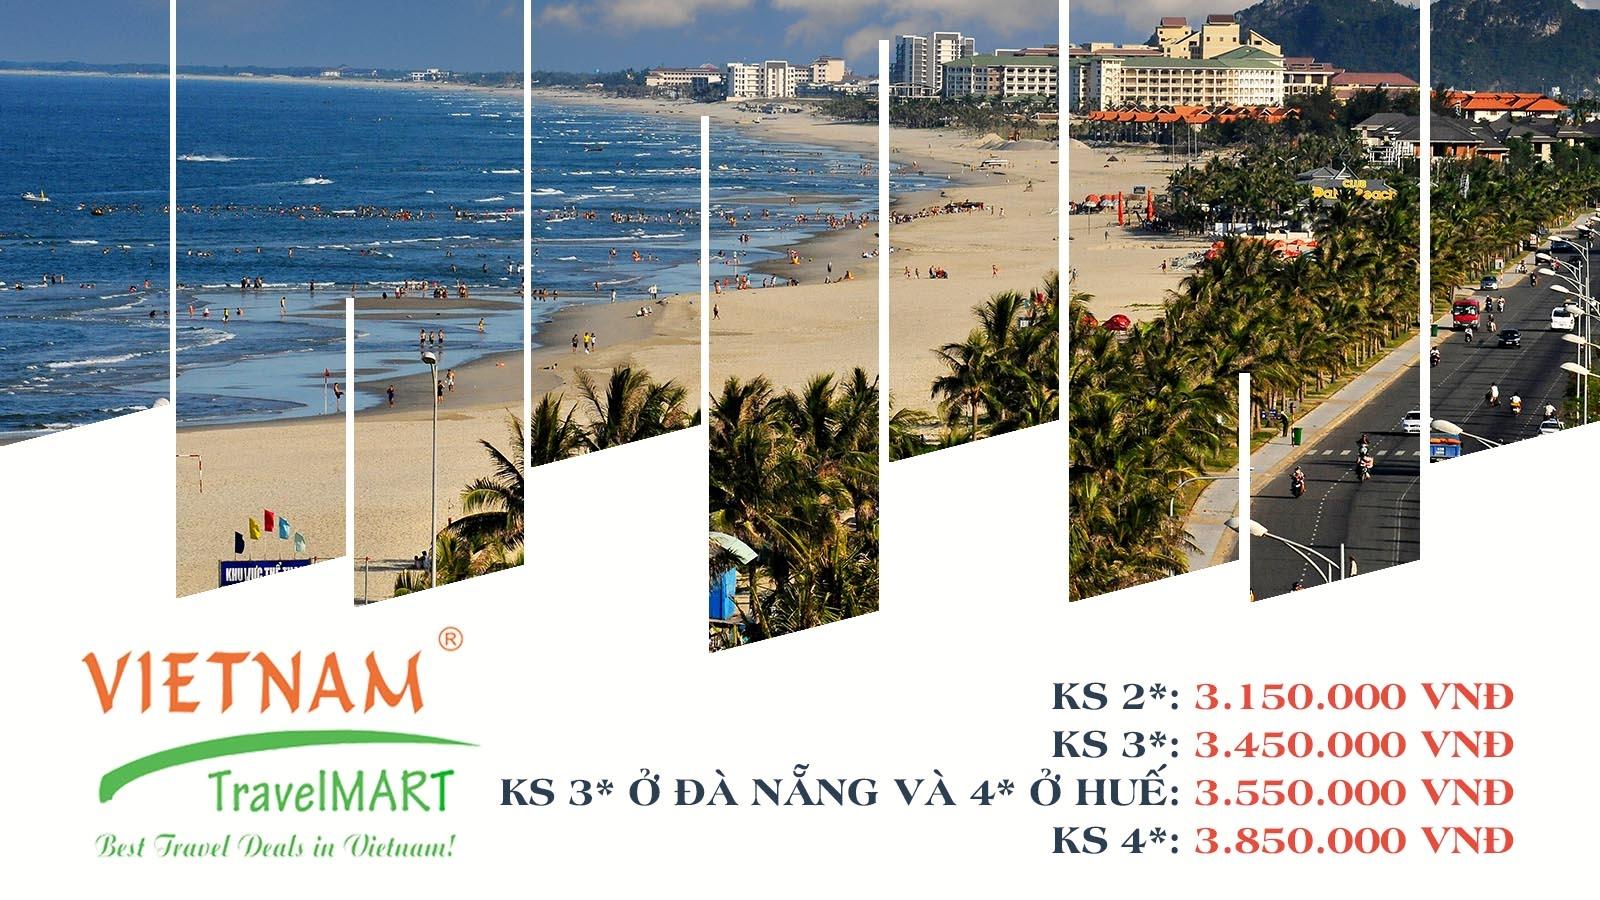 Vietnam TravelMART JSC | Giảm 5% Tour Hành Trình Di Sản 5N4Đ 2